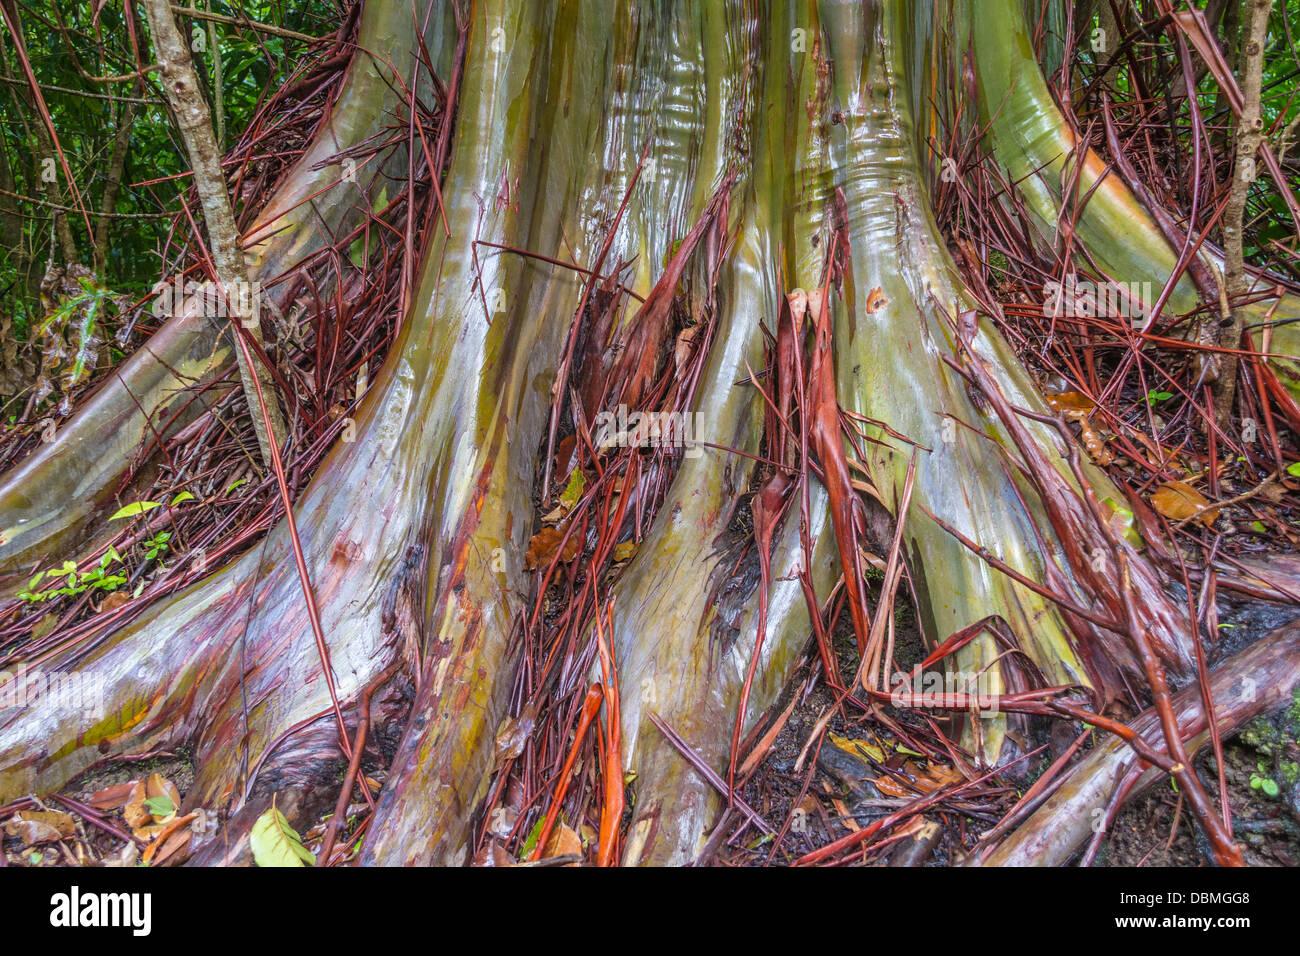 Rainbow Eucalyptus tree, Eucalyptus deglupta - Stock Image